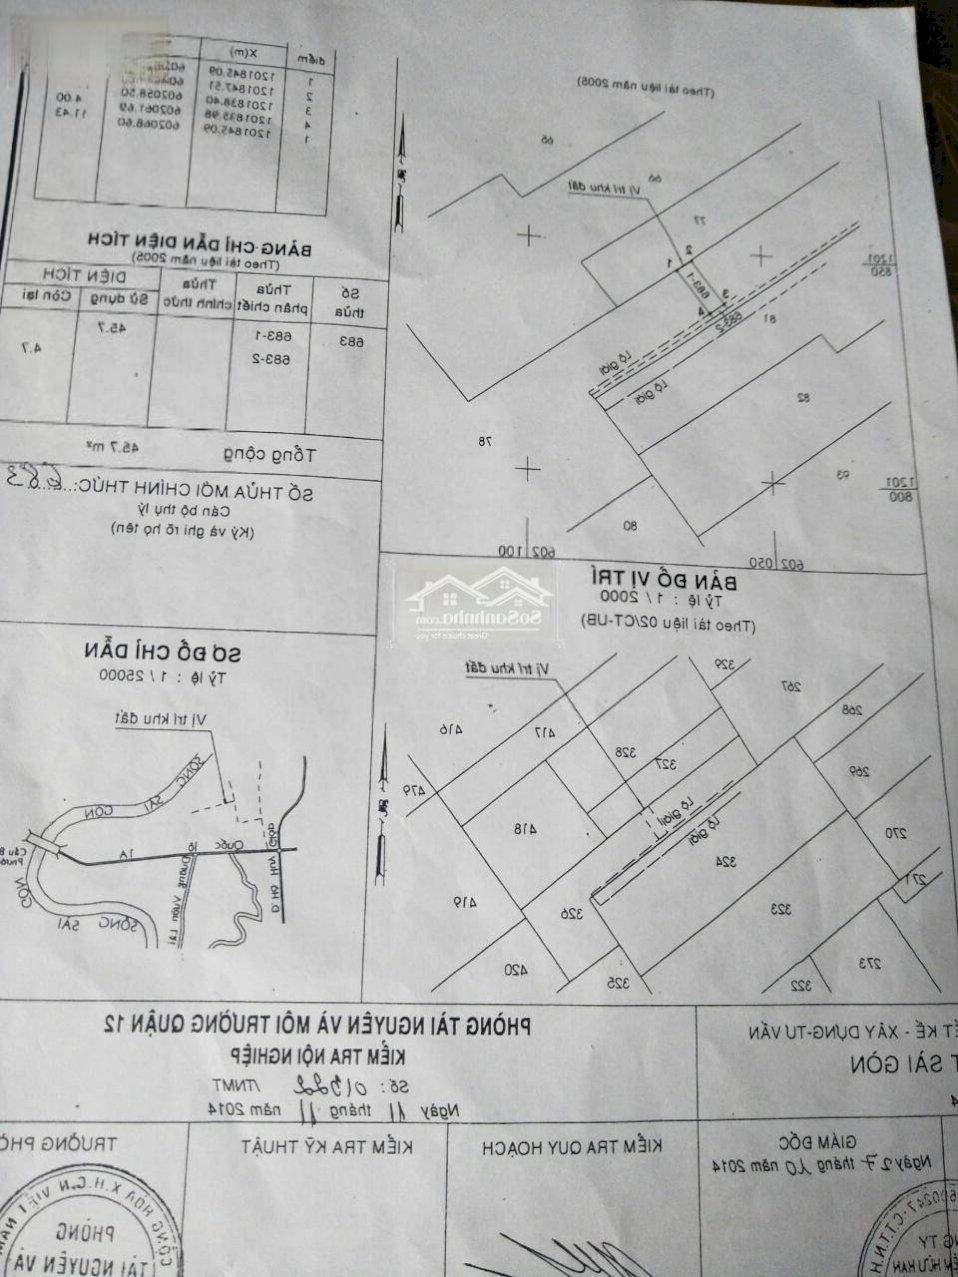 Nhà giá rẻ 132m2 1t2 lầu sổ hồng riêng đường thạnh lộc 13 cách cầu vượt ngã tư ga 1 km